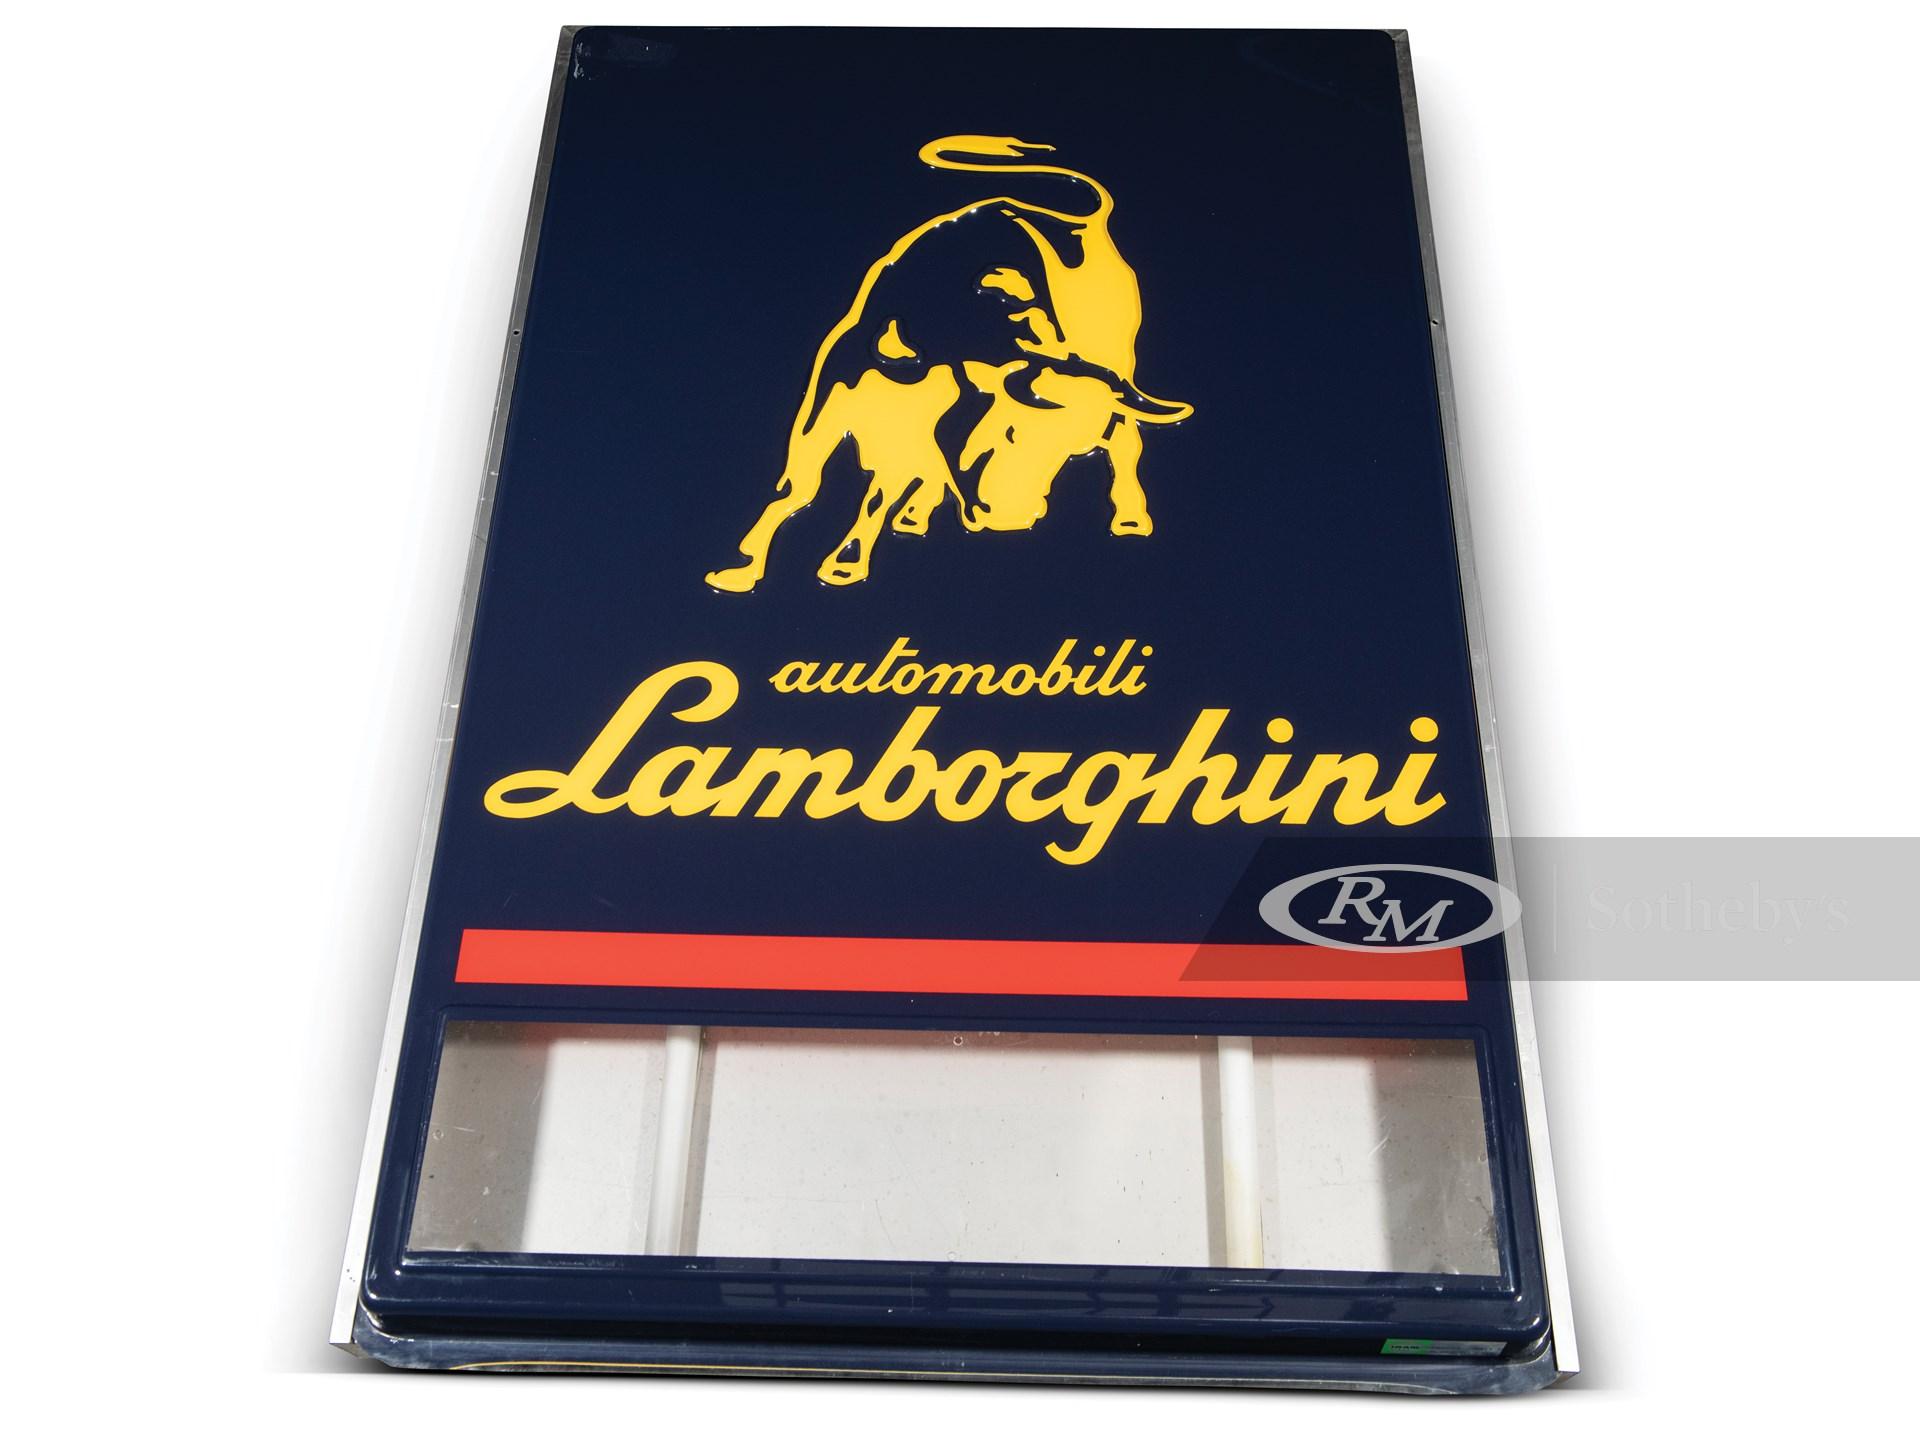 Lamborghini Dealership Sign, ca. 1990s -